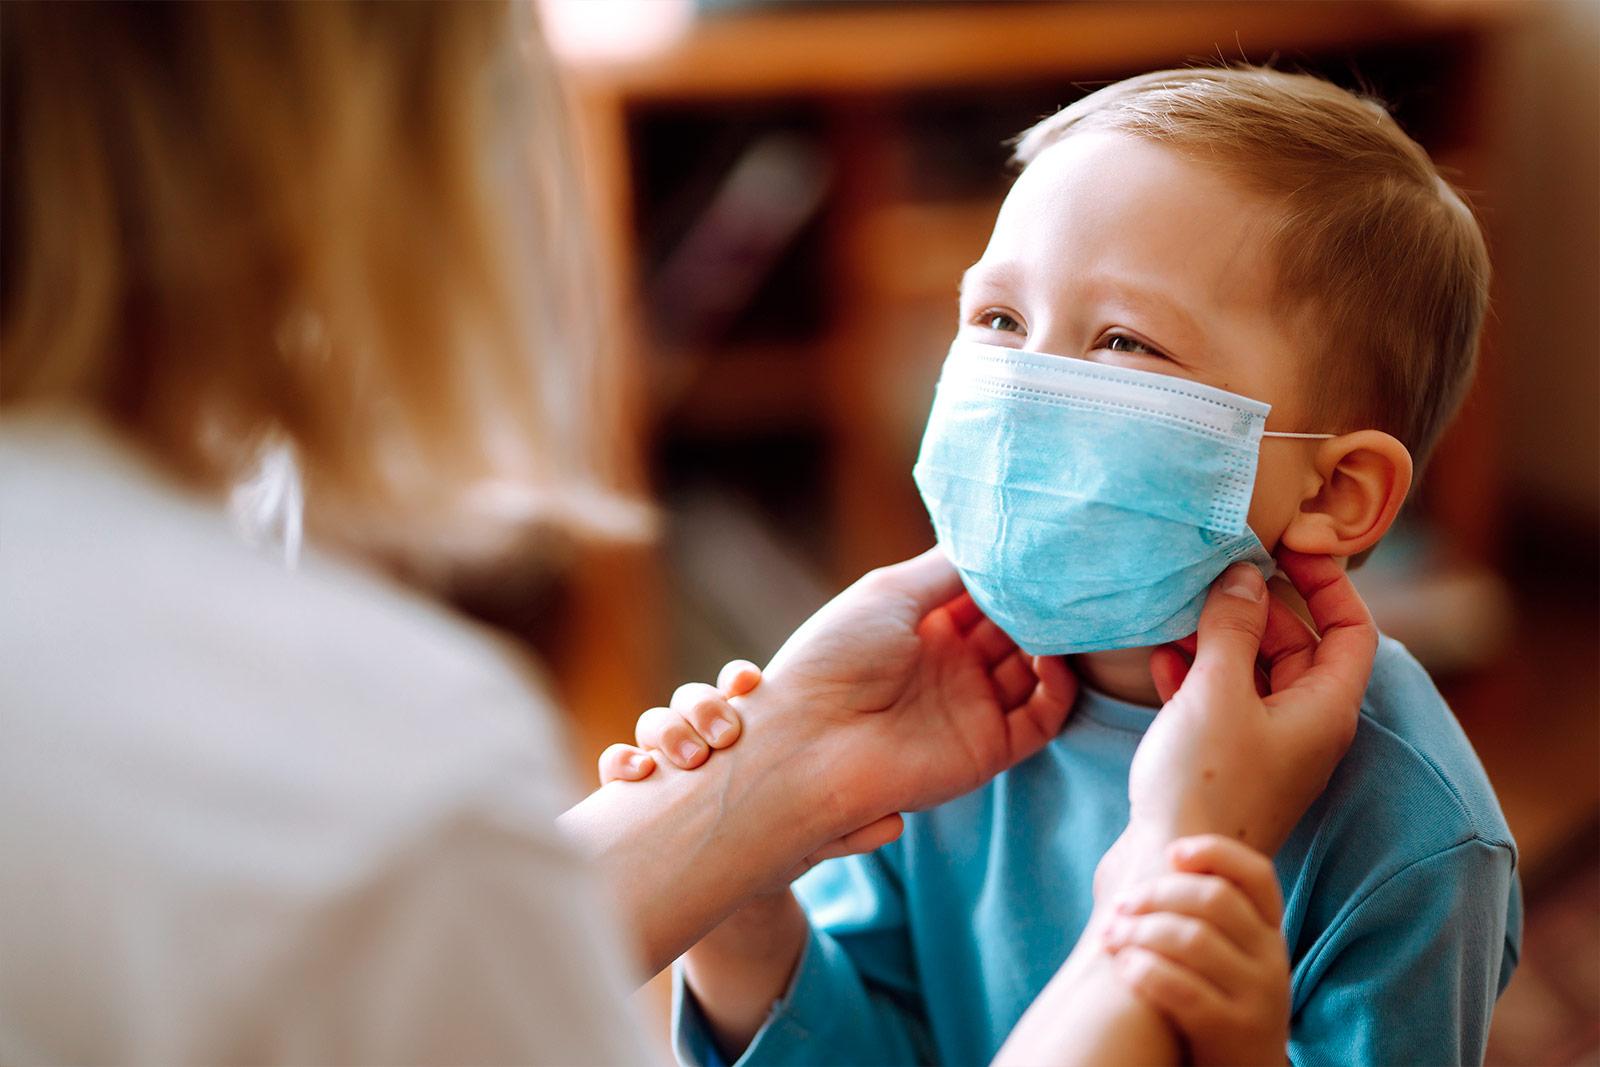 Atemschutzmasken für Kinder - Wie anziehen?